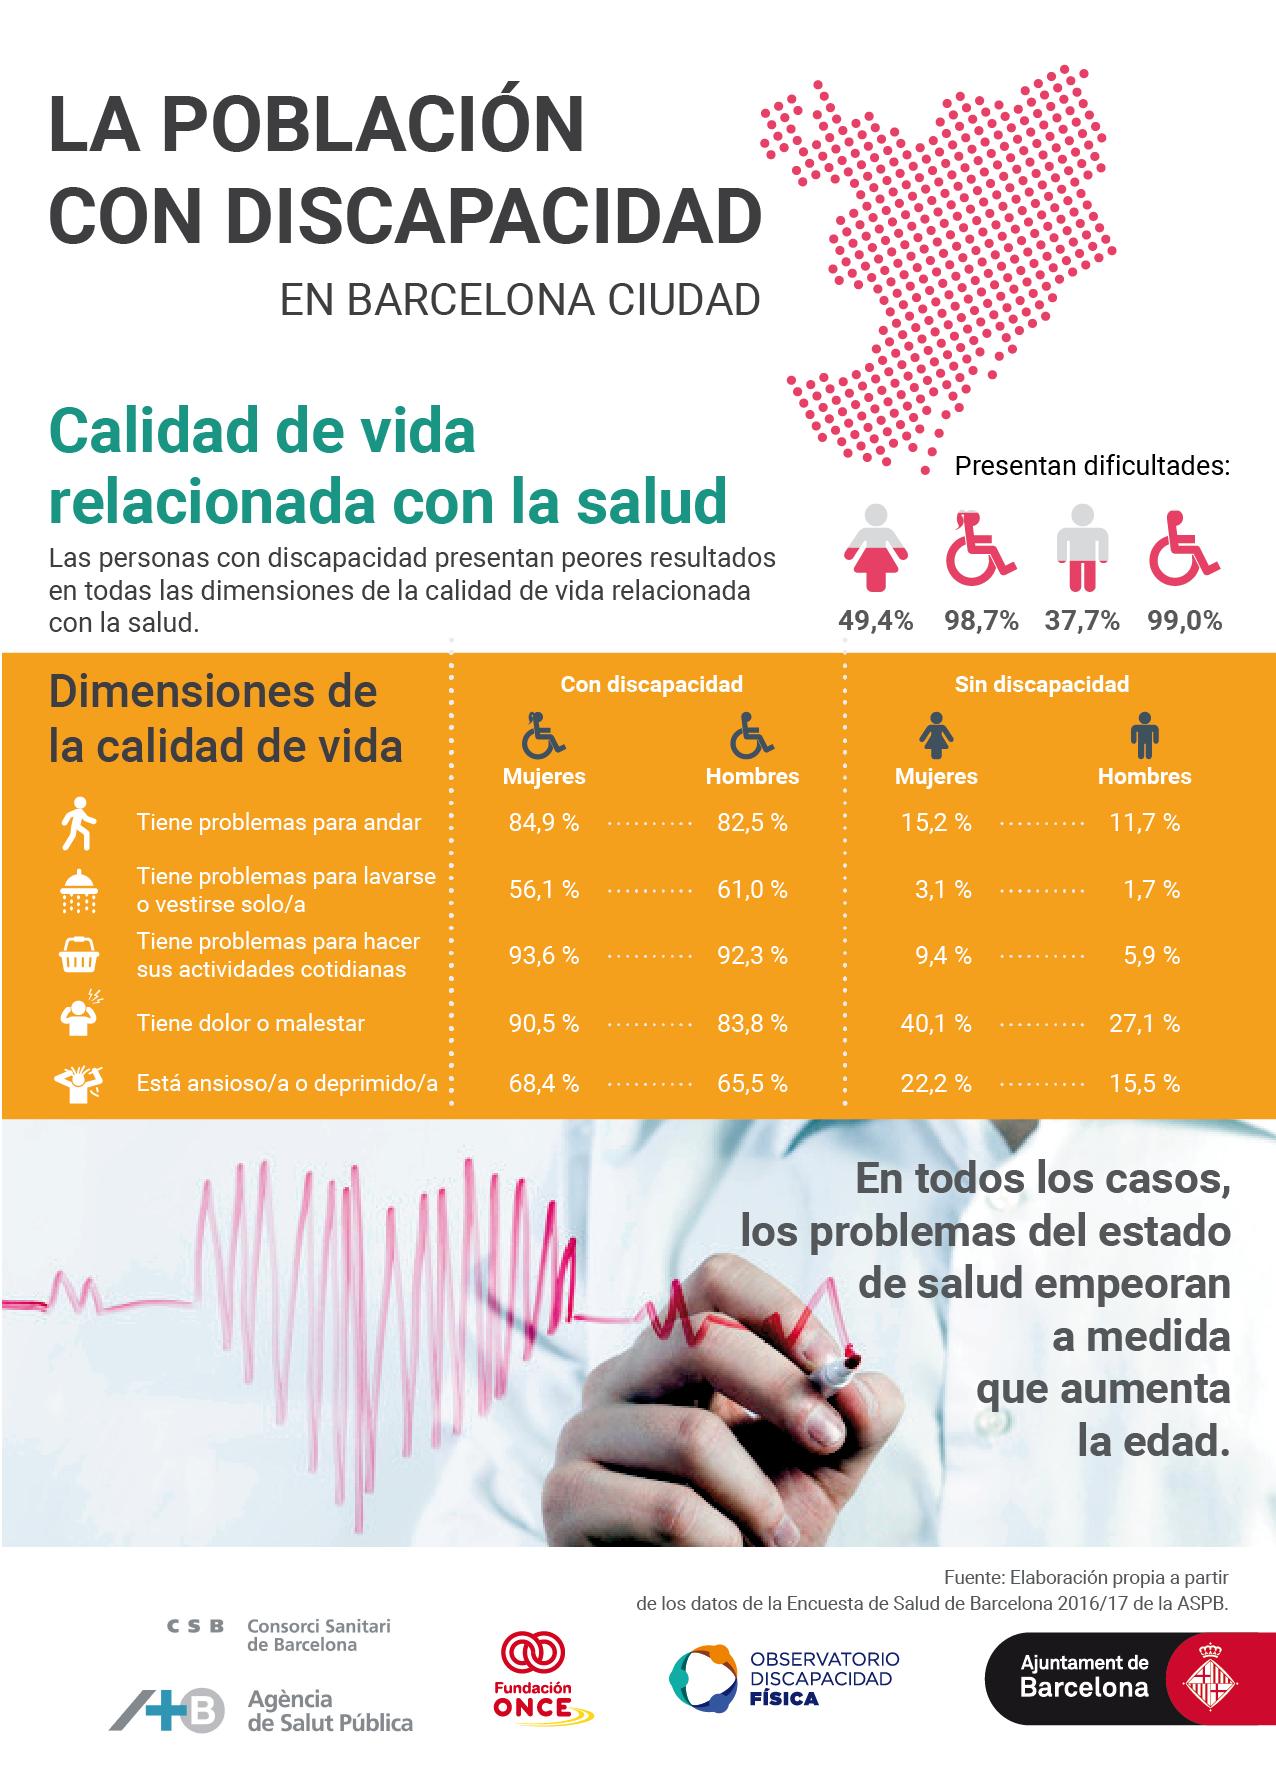 Las personas con discapacidad presentan peores resultados en todas las dimensiones de la Calidad de Vida Relacionada con la Salud.